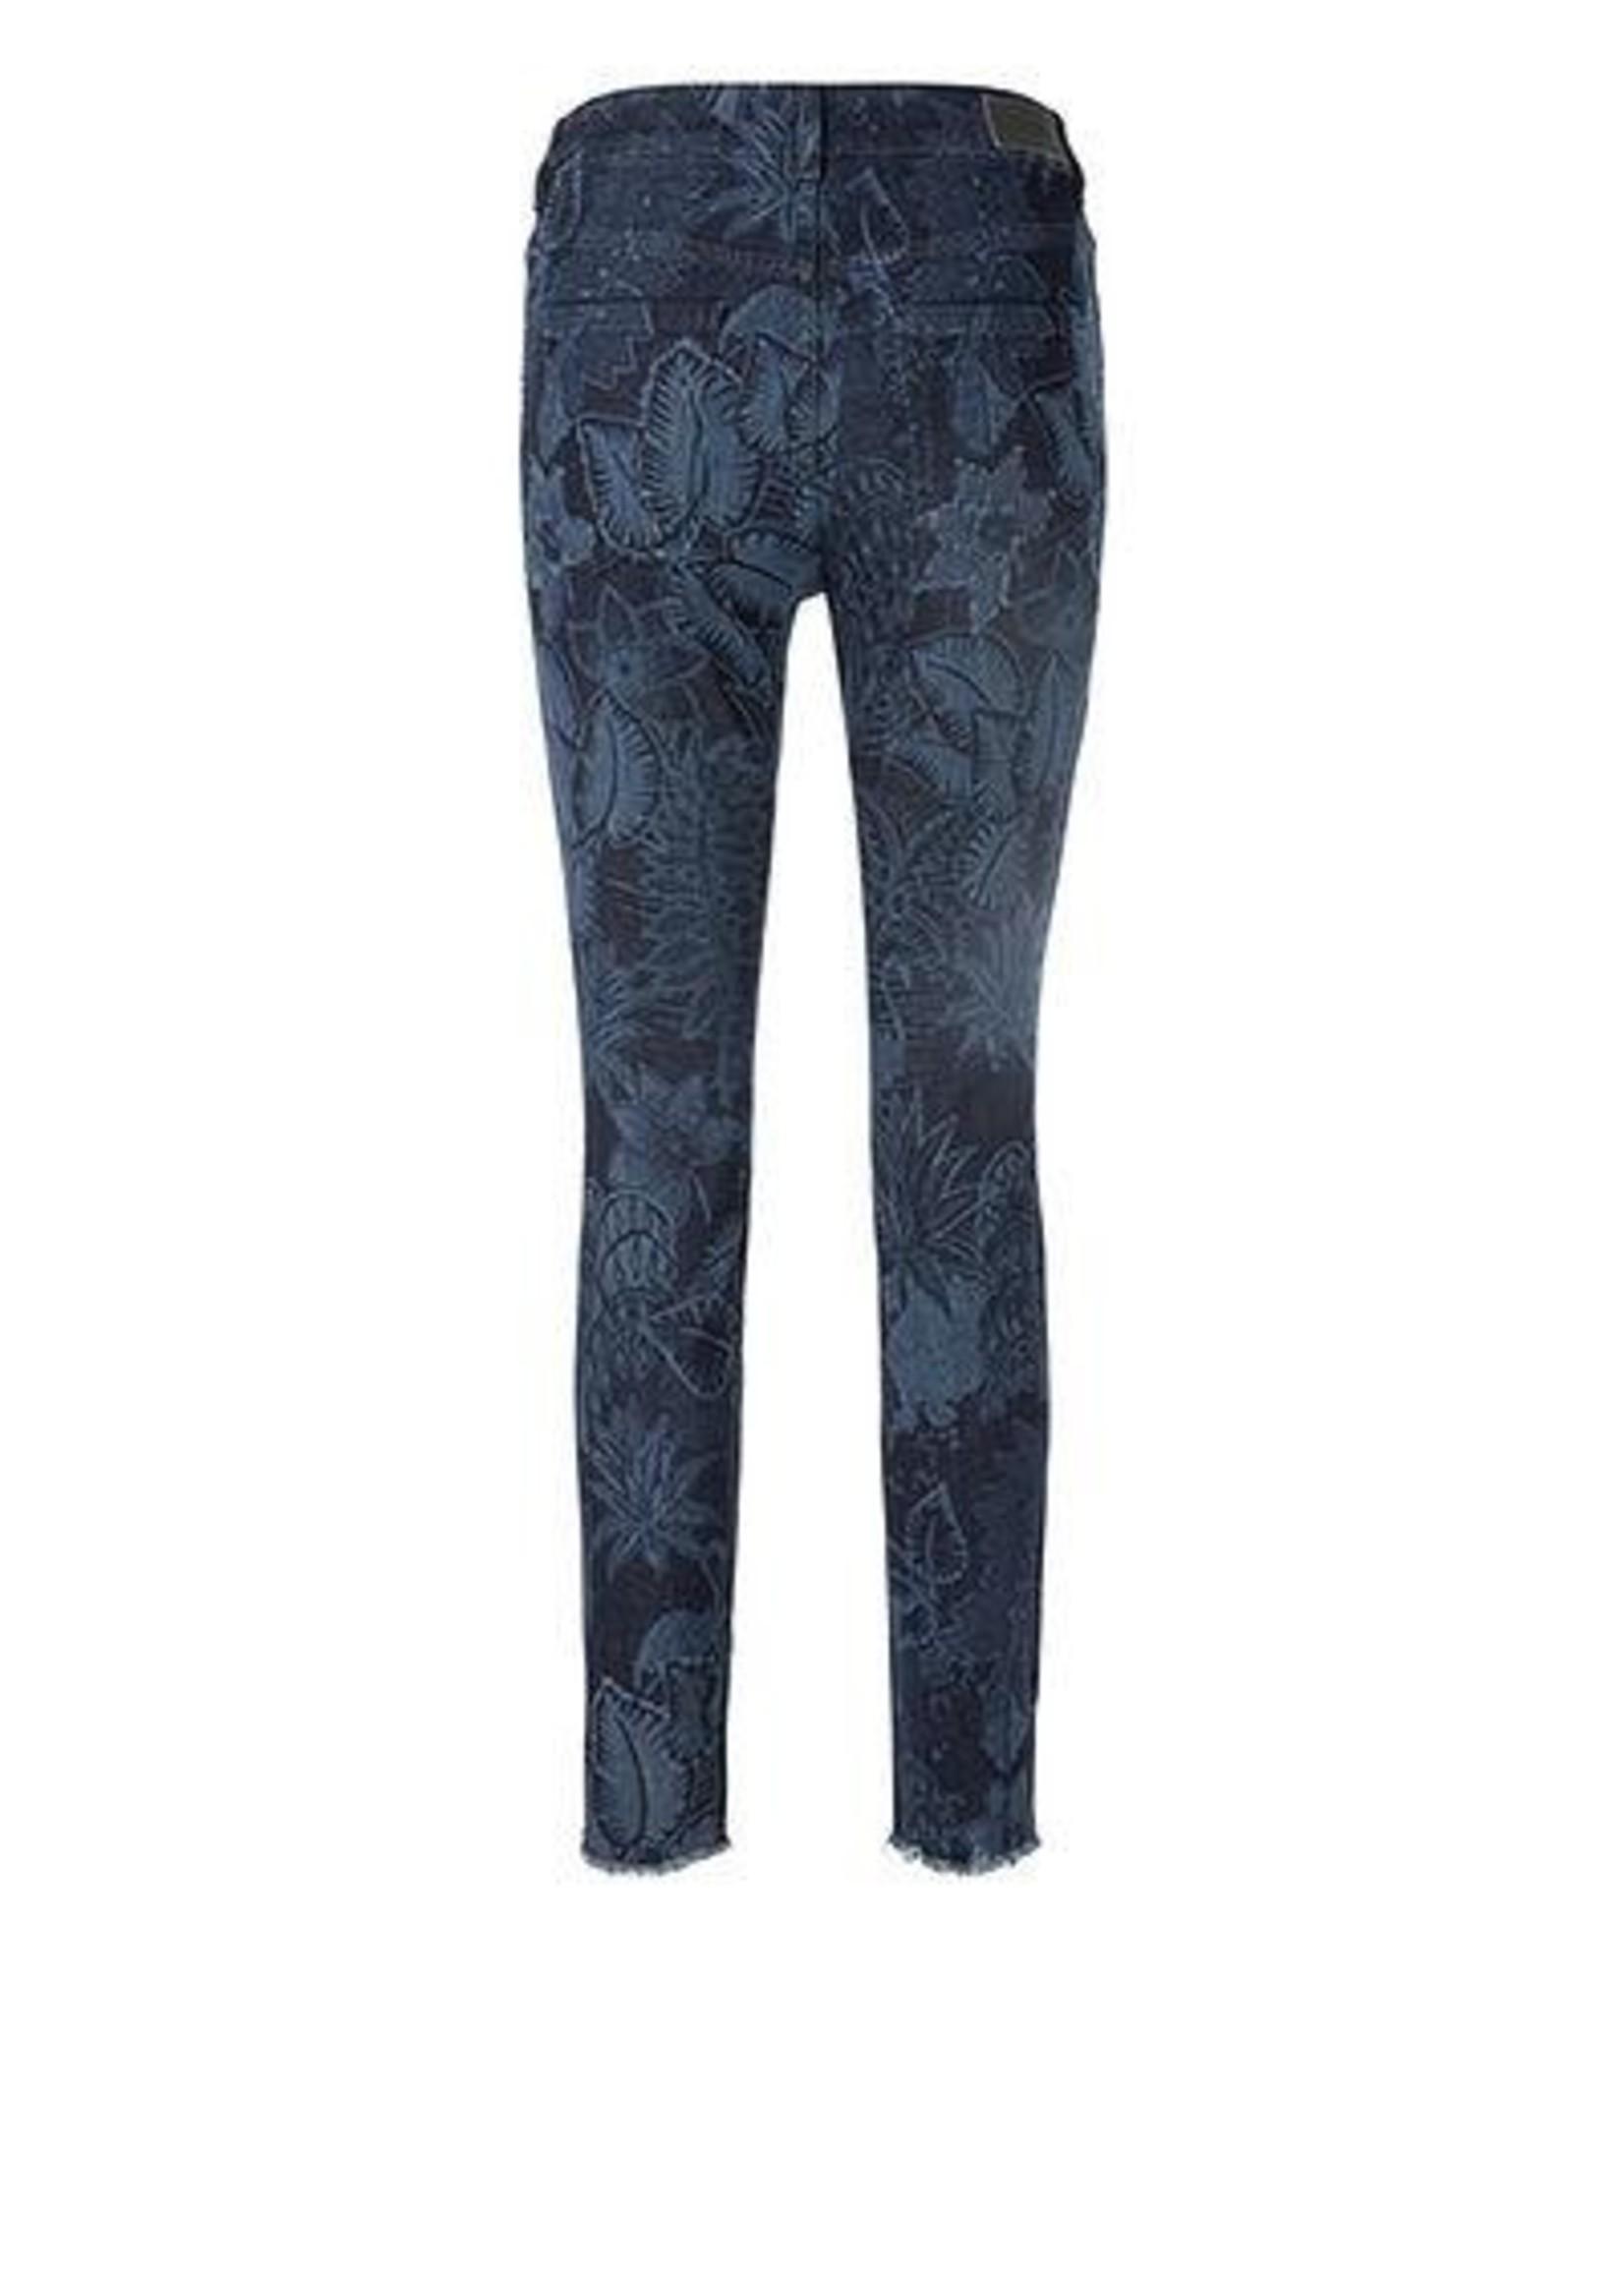 Jeans QC 82.08 D01